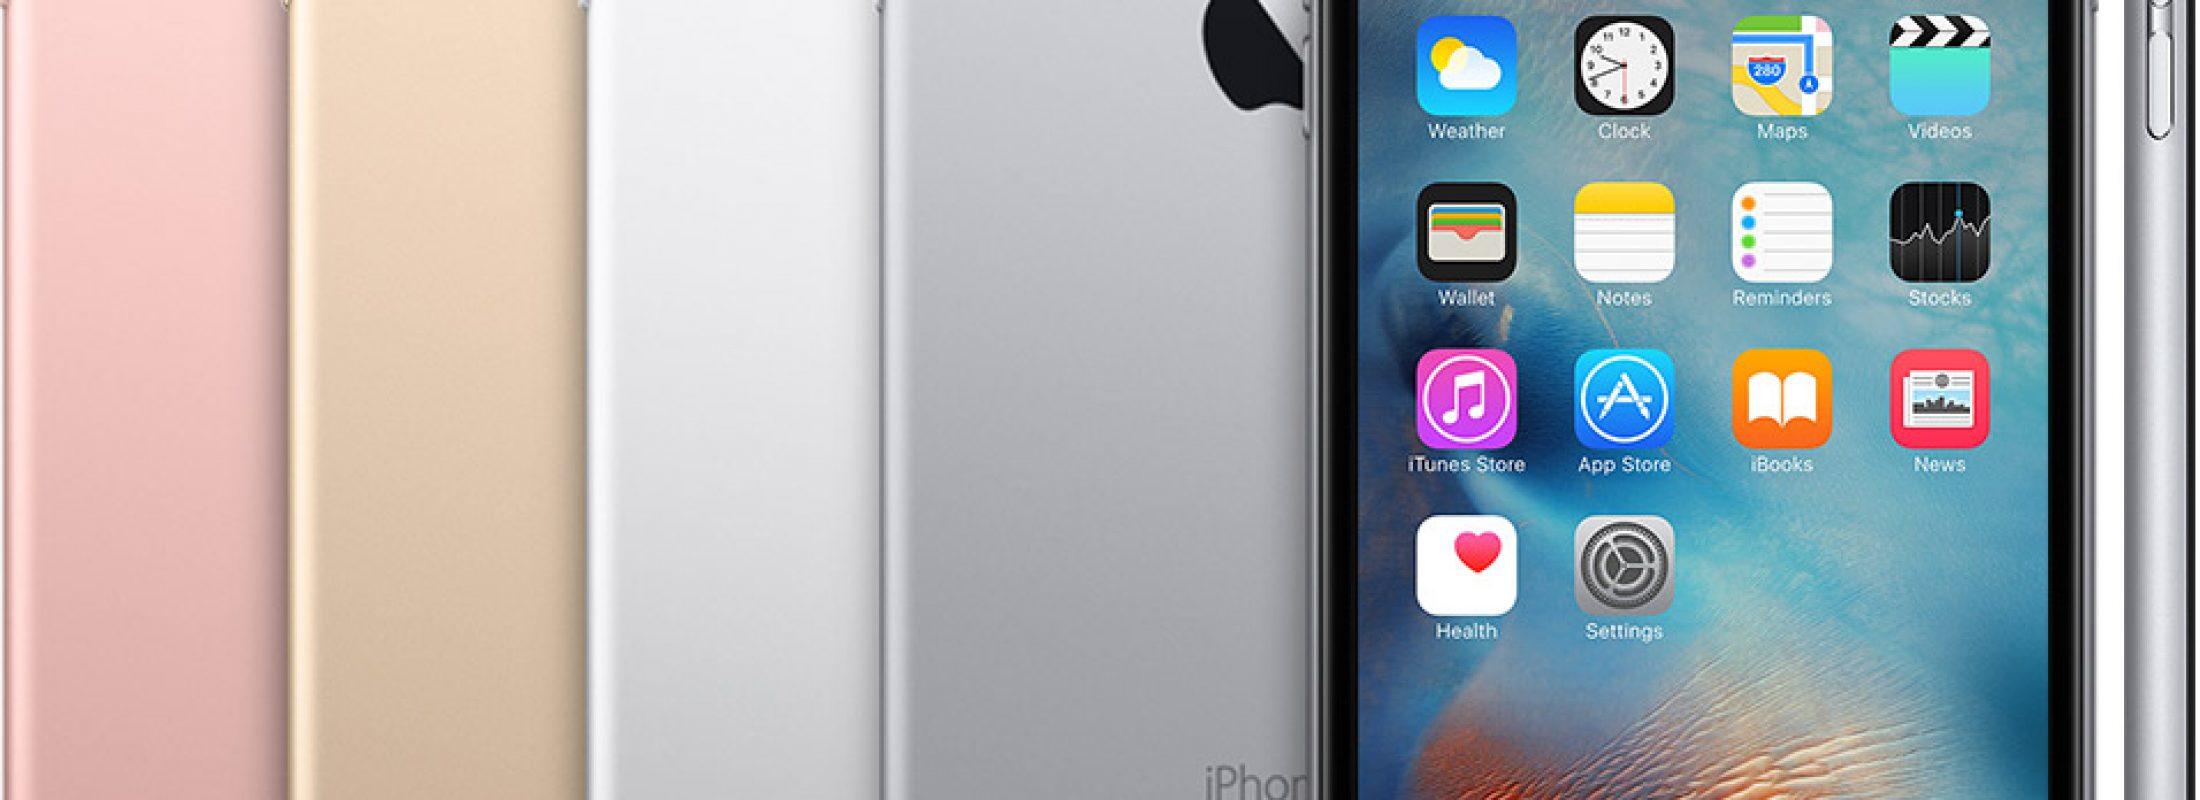 İphone 8 üç farklı model sunacak iddiası!